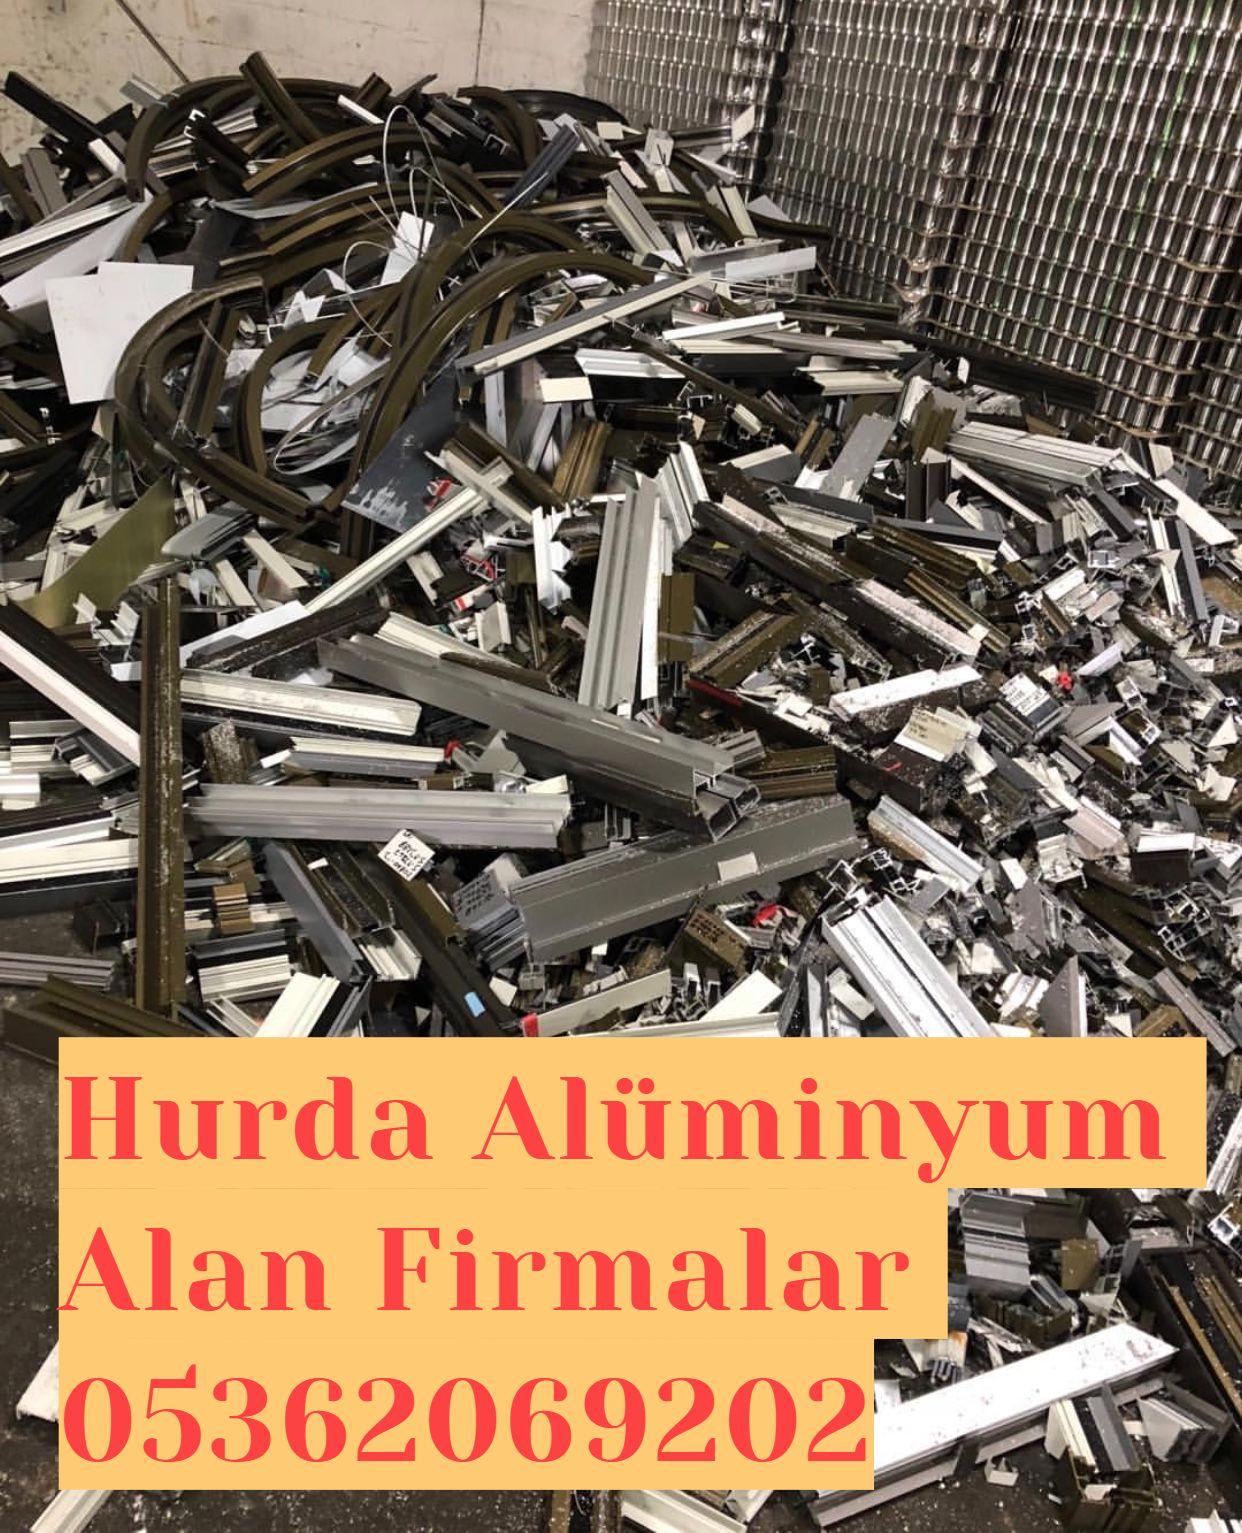 Alüminyum hurda alan firmalar